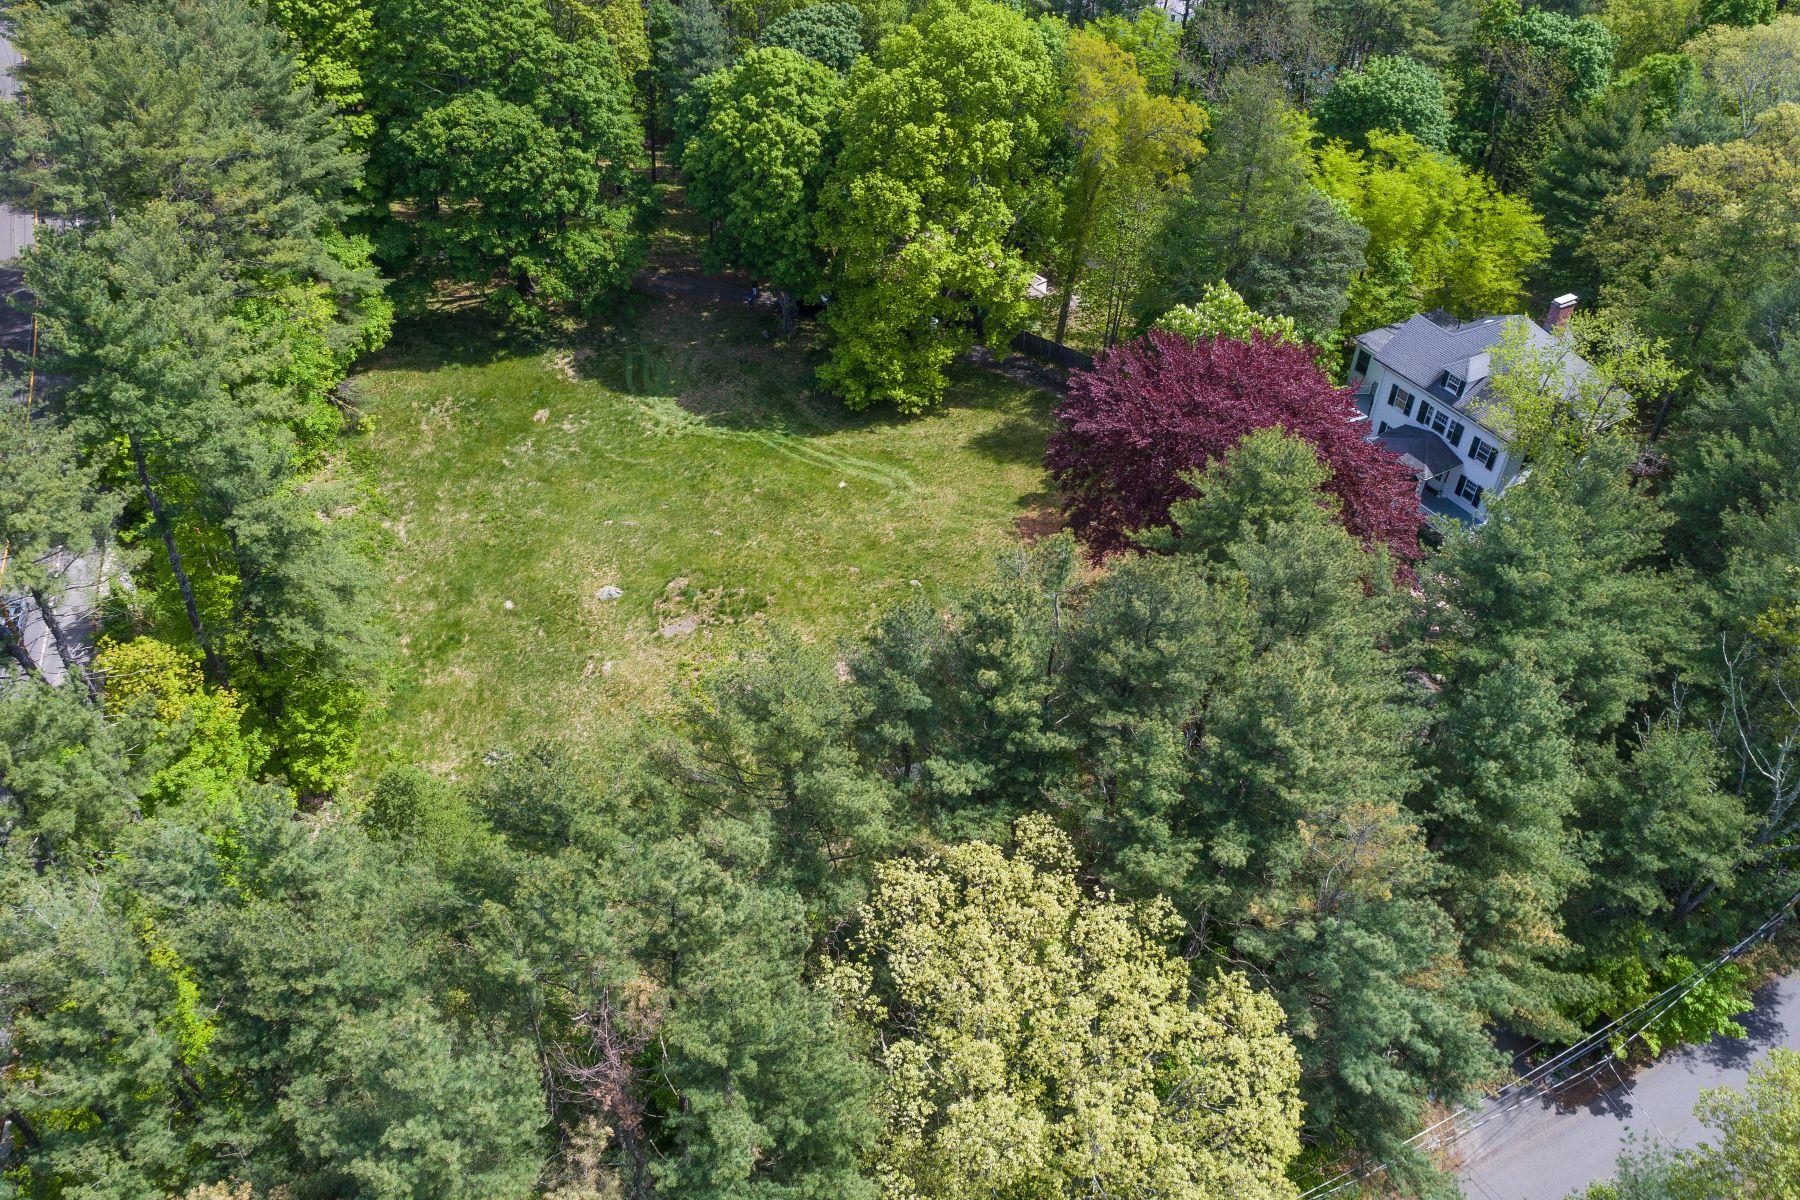 Terreno por un Venta en 119 & 121 Church Street, Weston 119 & 121 Church Street Weston, Massachusetts 02493 Estados Unidos